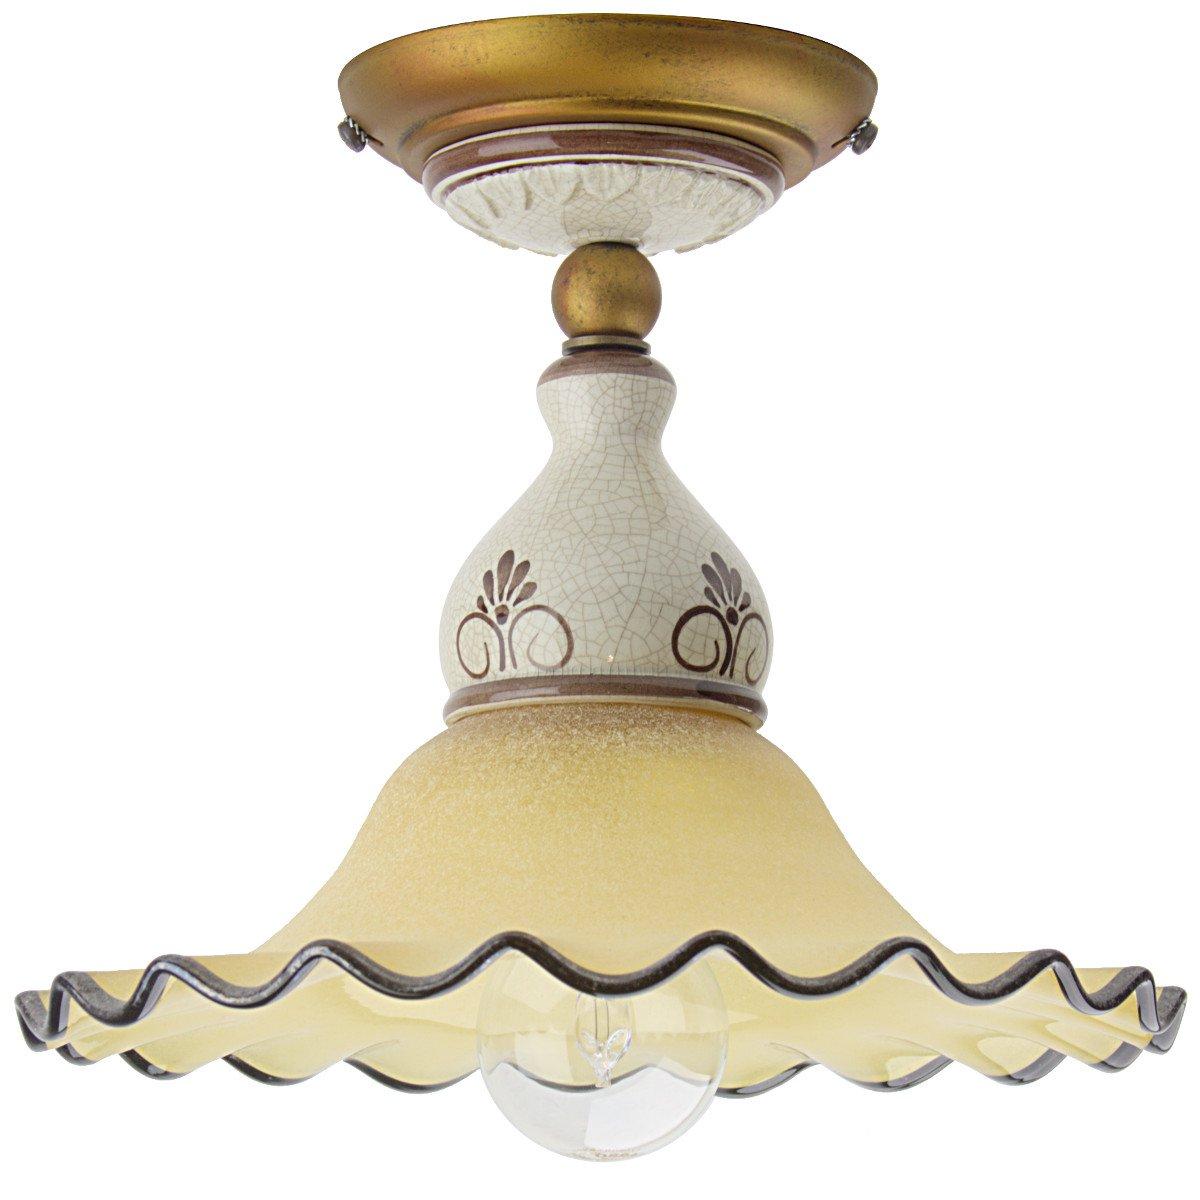 Lampen Landhausstil Keramik Leuchte Im Kaufen Gebraucht: Italienische Landhaus-Deckenleuchte Aus Glas Und Keramik